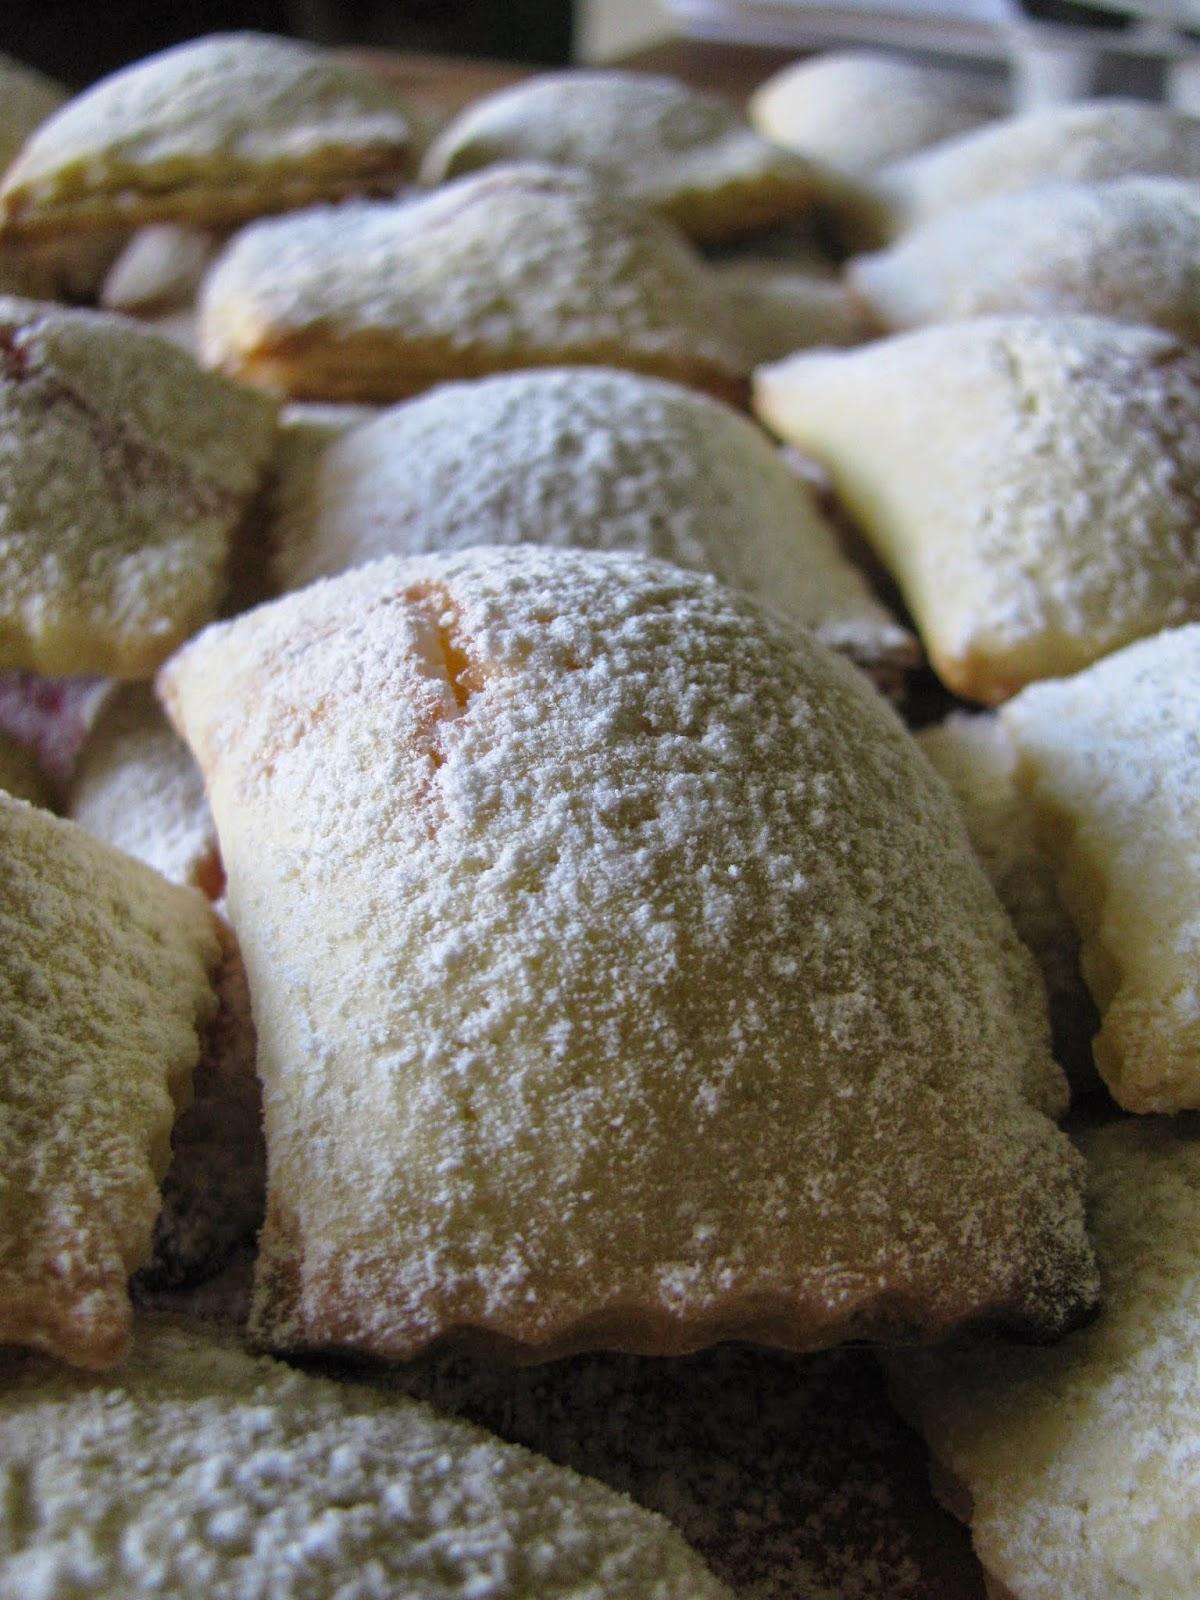 ravioli dolci con frolla al cardamomo e ripieno con ricotta e fragole